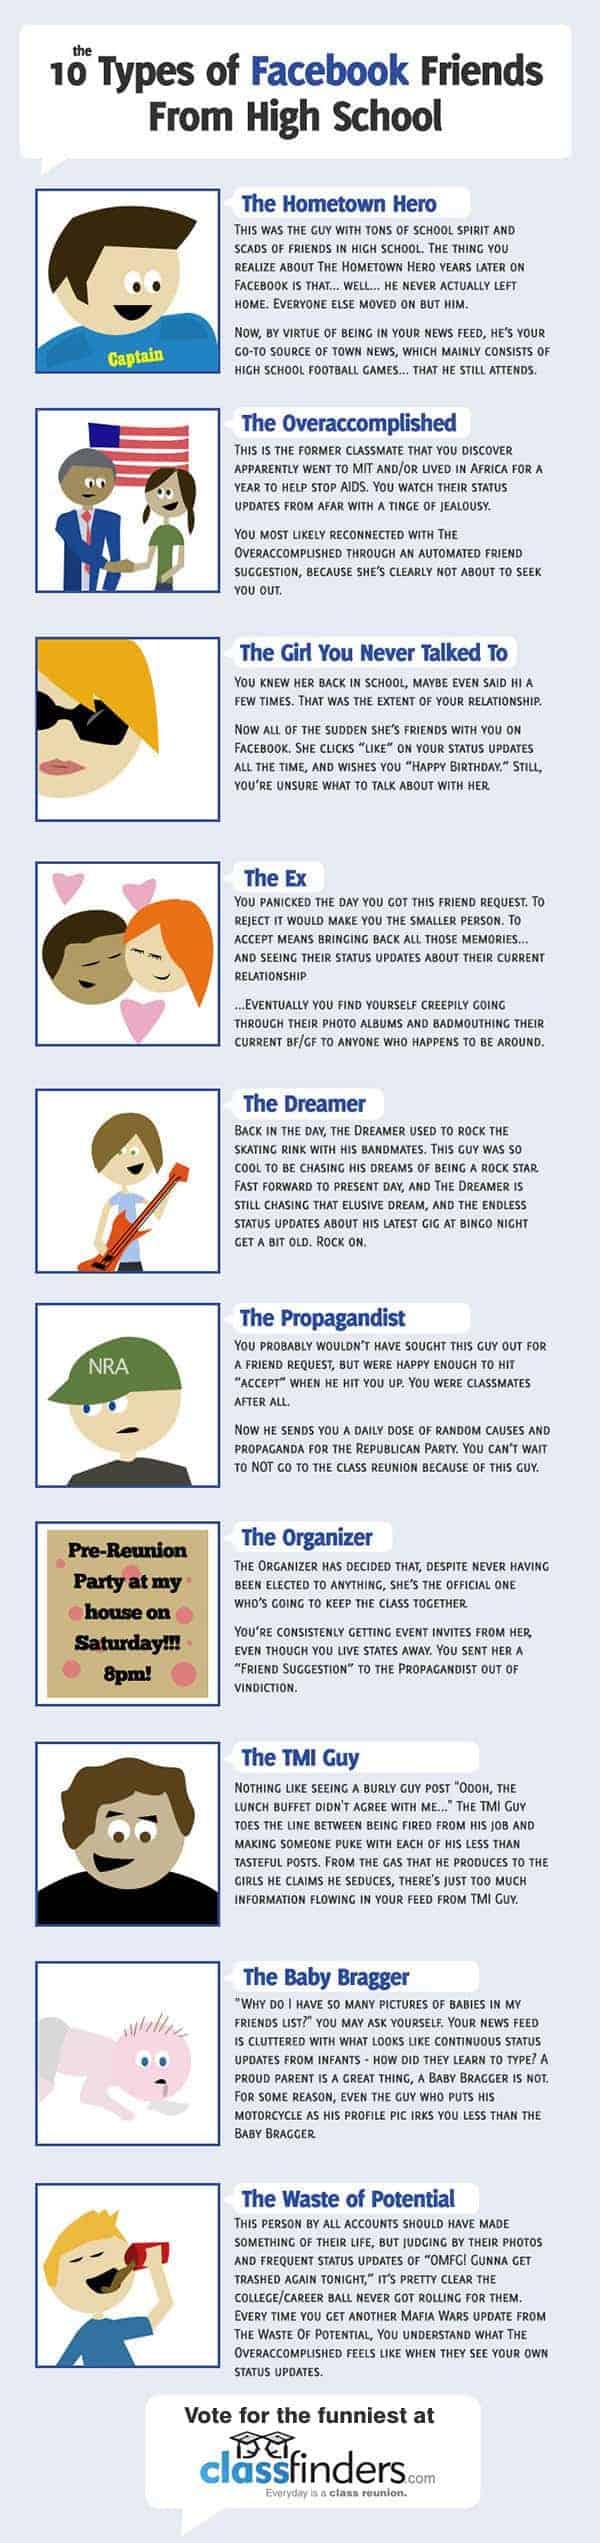 Ten Types of Facebook Friends